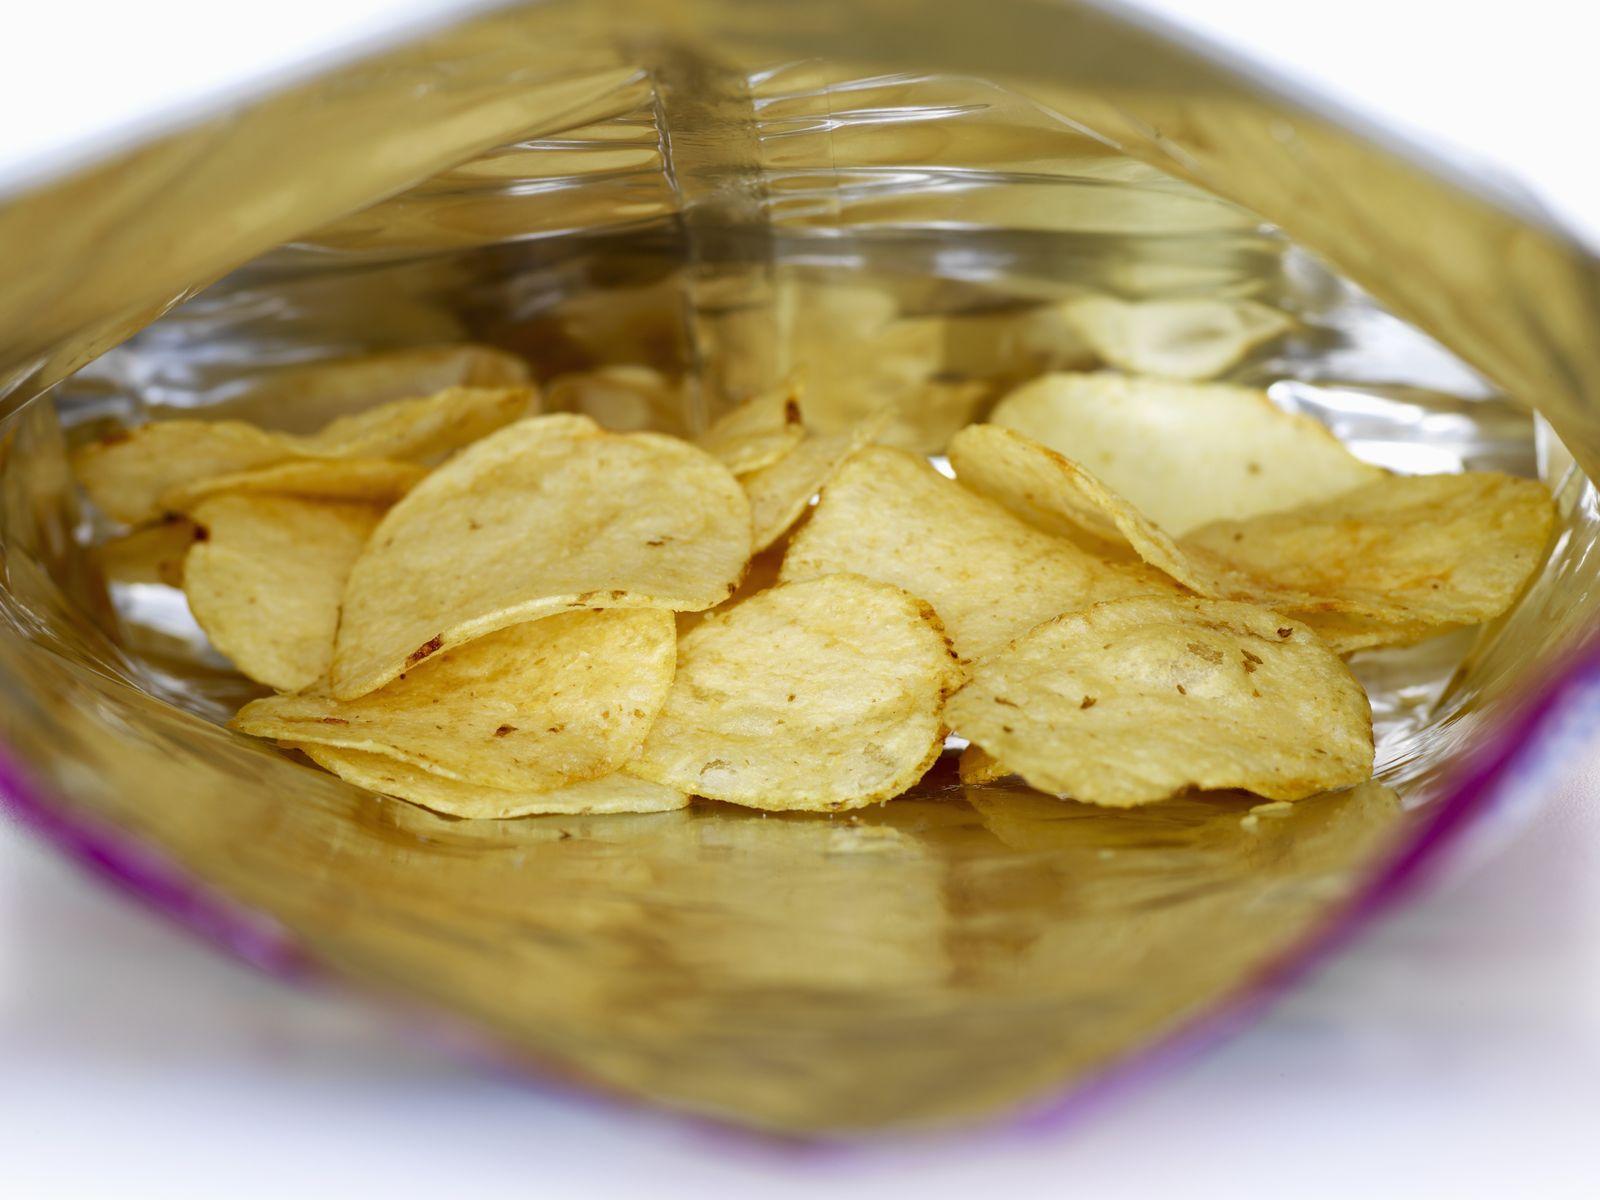 NICHT MEHR VERWENDEN! - Kartoffelchips / Chipstüte